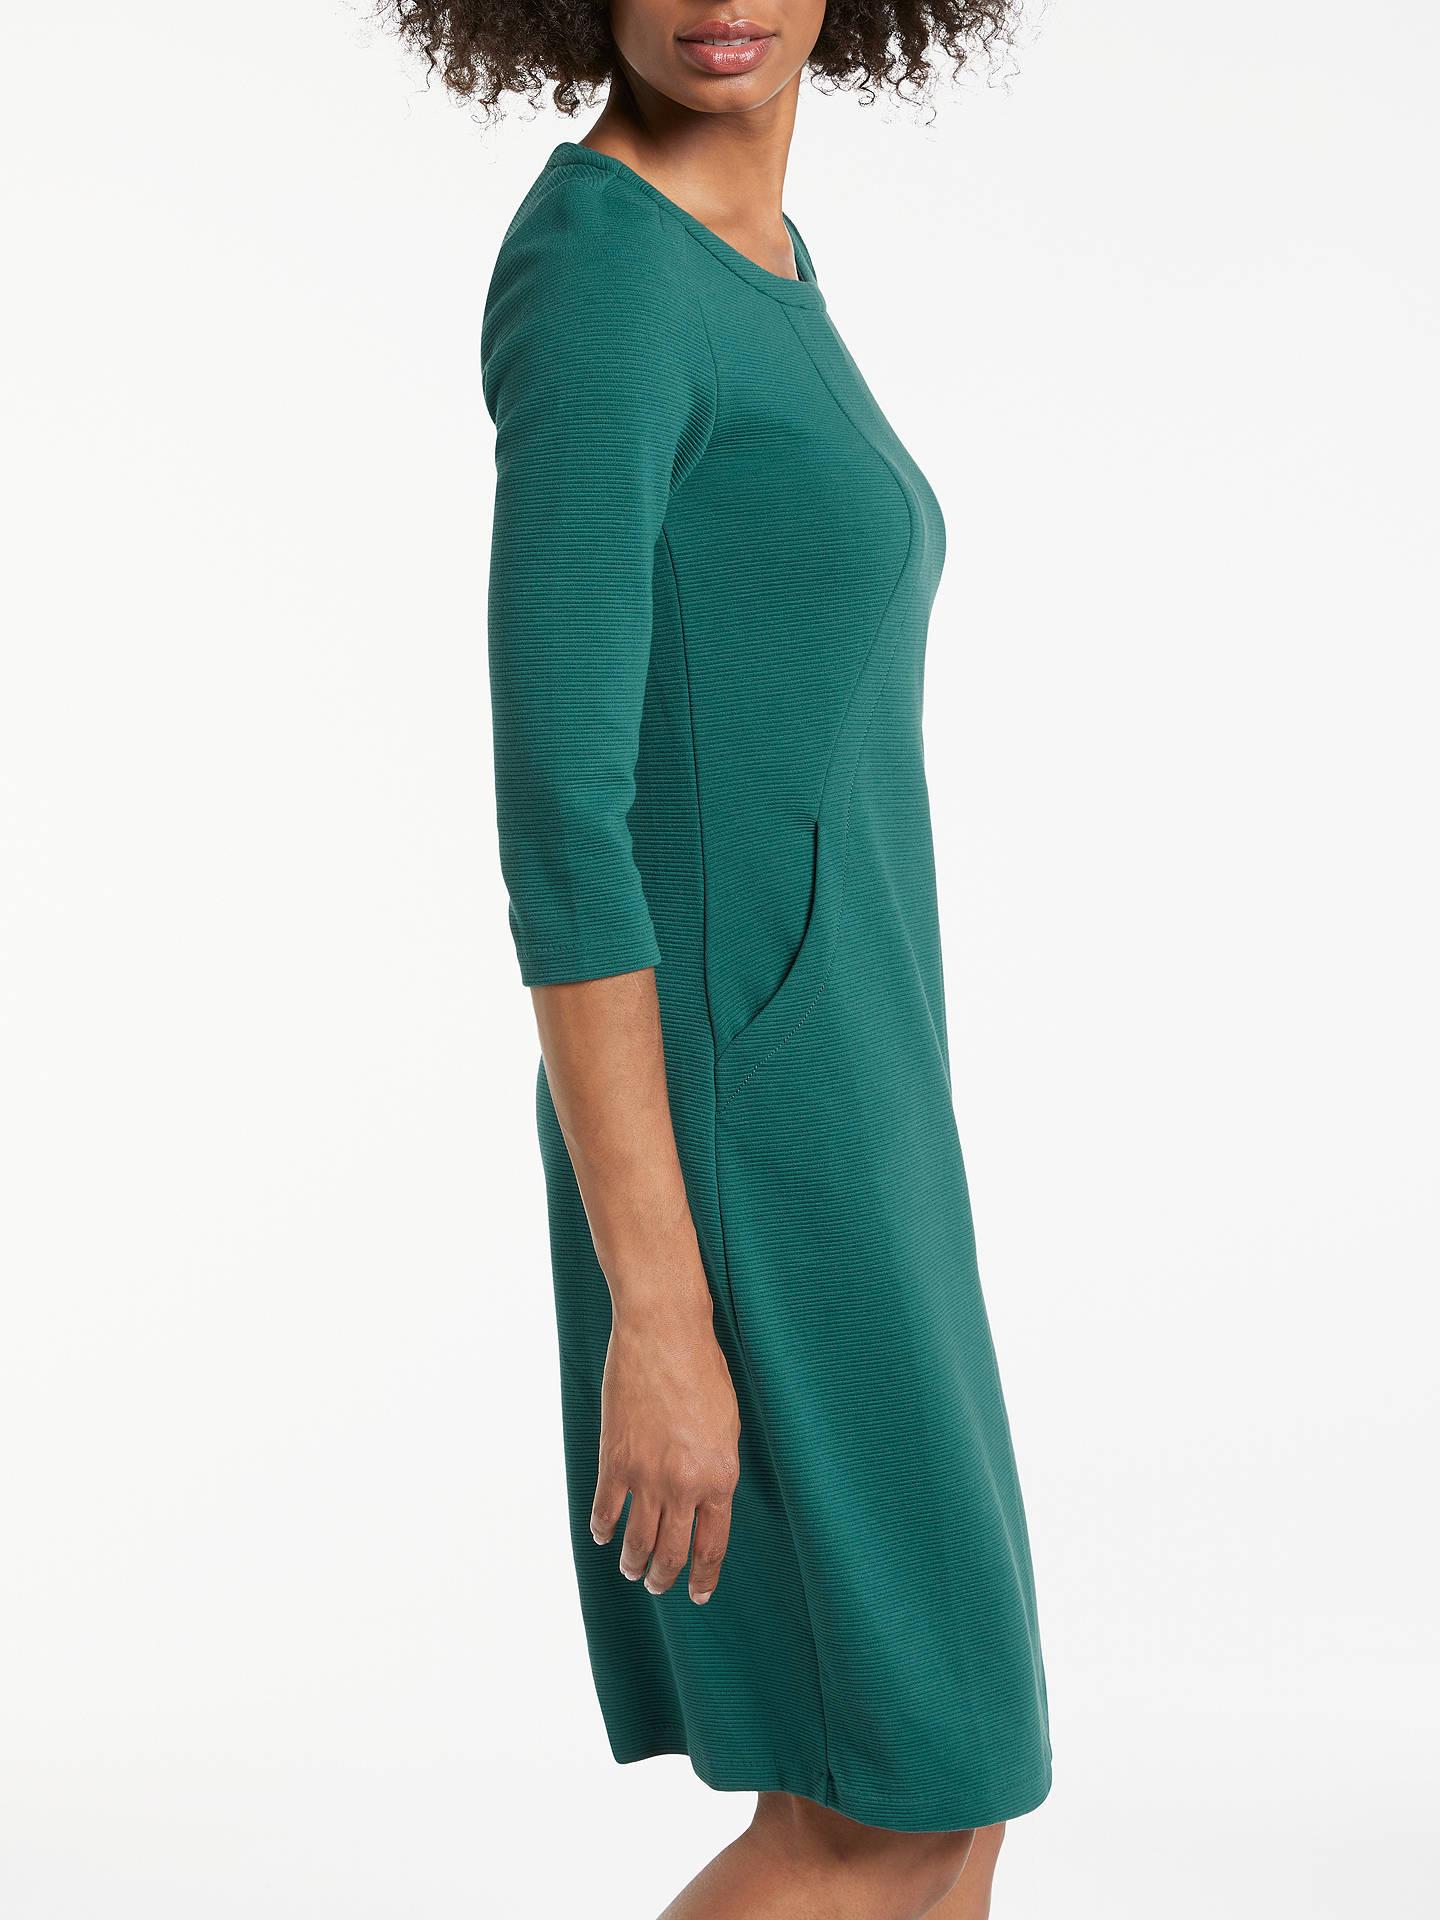 59608f5f39b ... Buy Boden Hannah Jersey Dress, Deep Forest, 8 Online at johnlewis.com